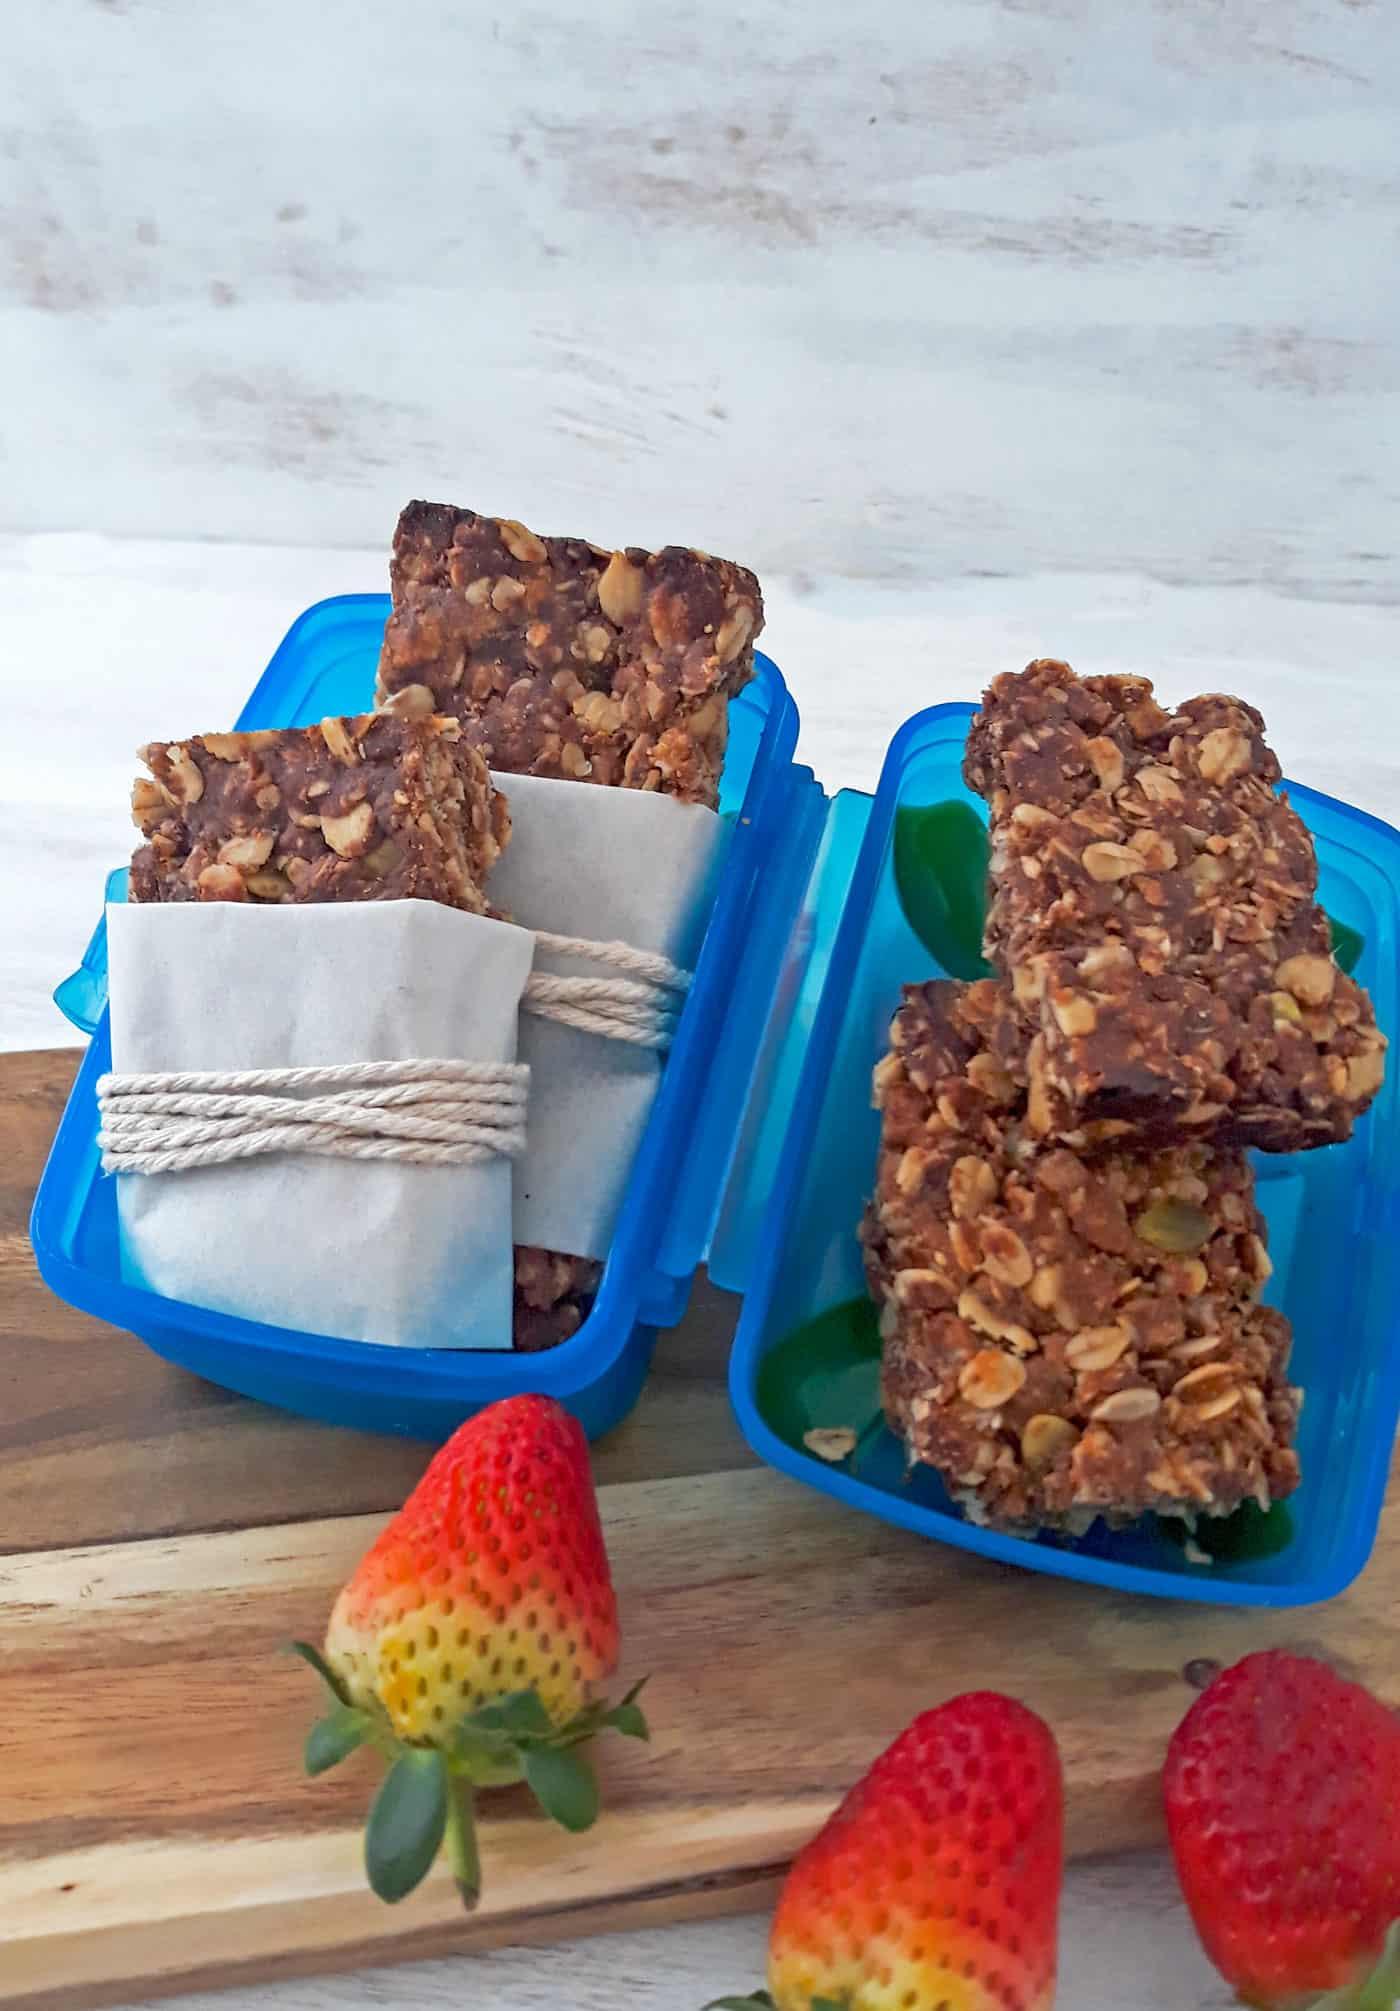 barras de cereal en contenedor azul con fresas